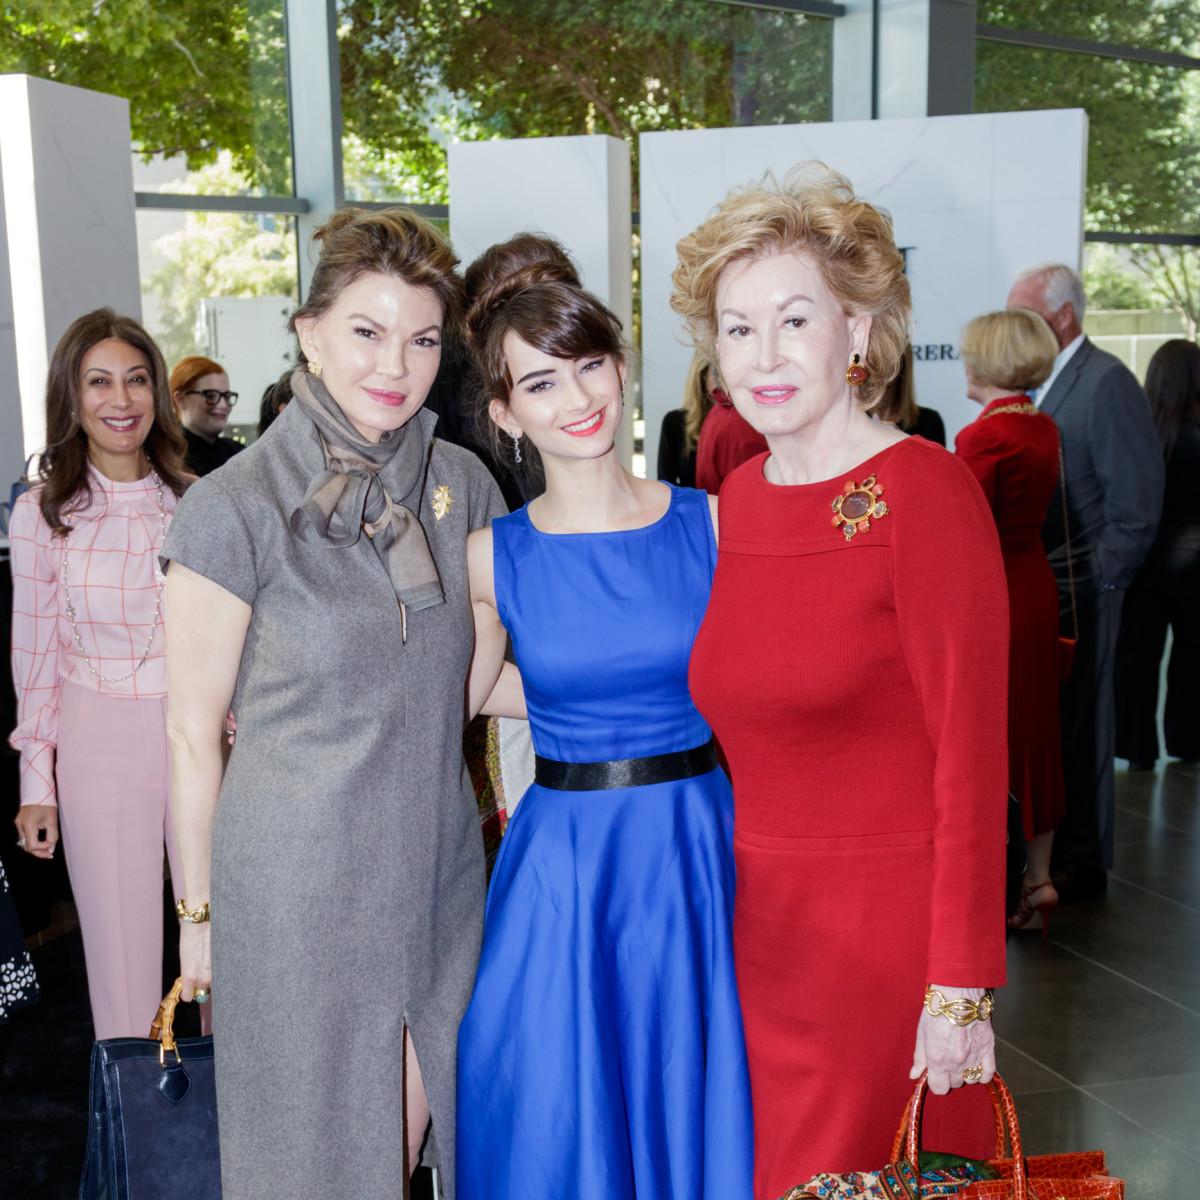 Roxanne Phillips, Ekaterina Kouznetsova, Phyllis Coit